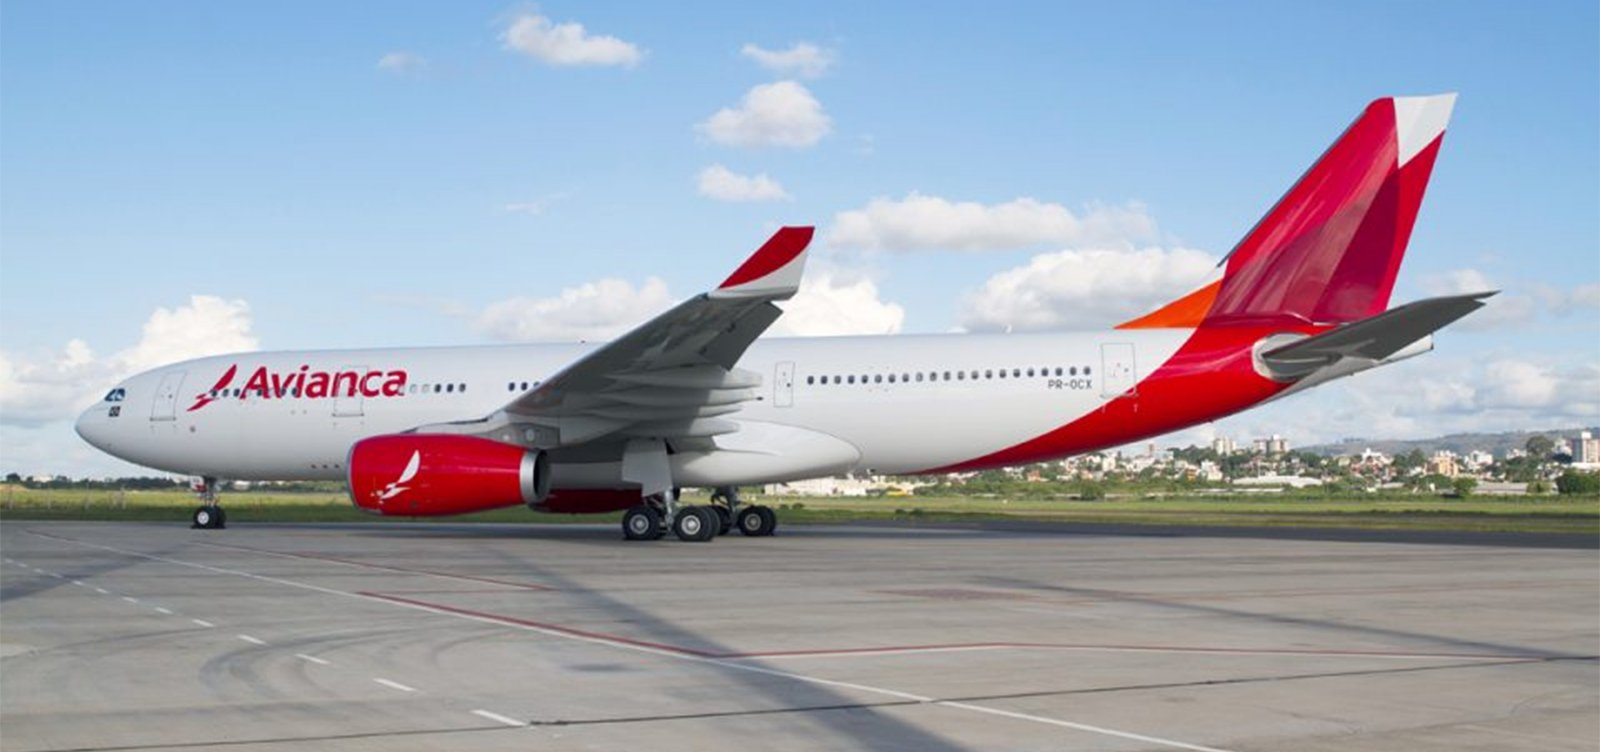 Com devolução de aviões, Avianca reduz em 66% número de voos